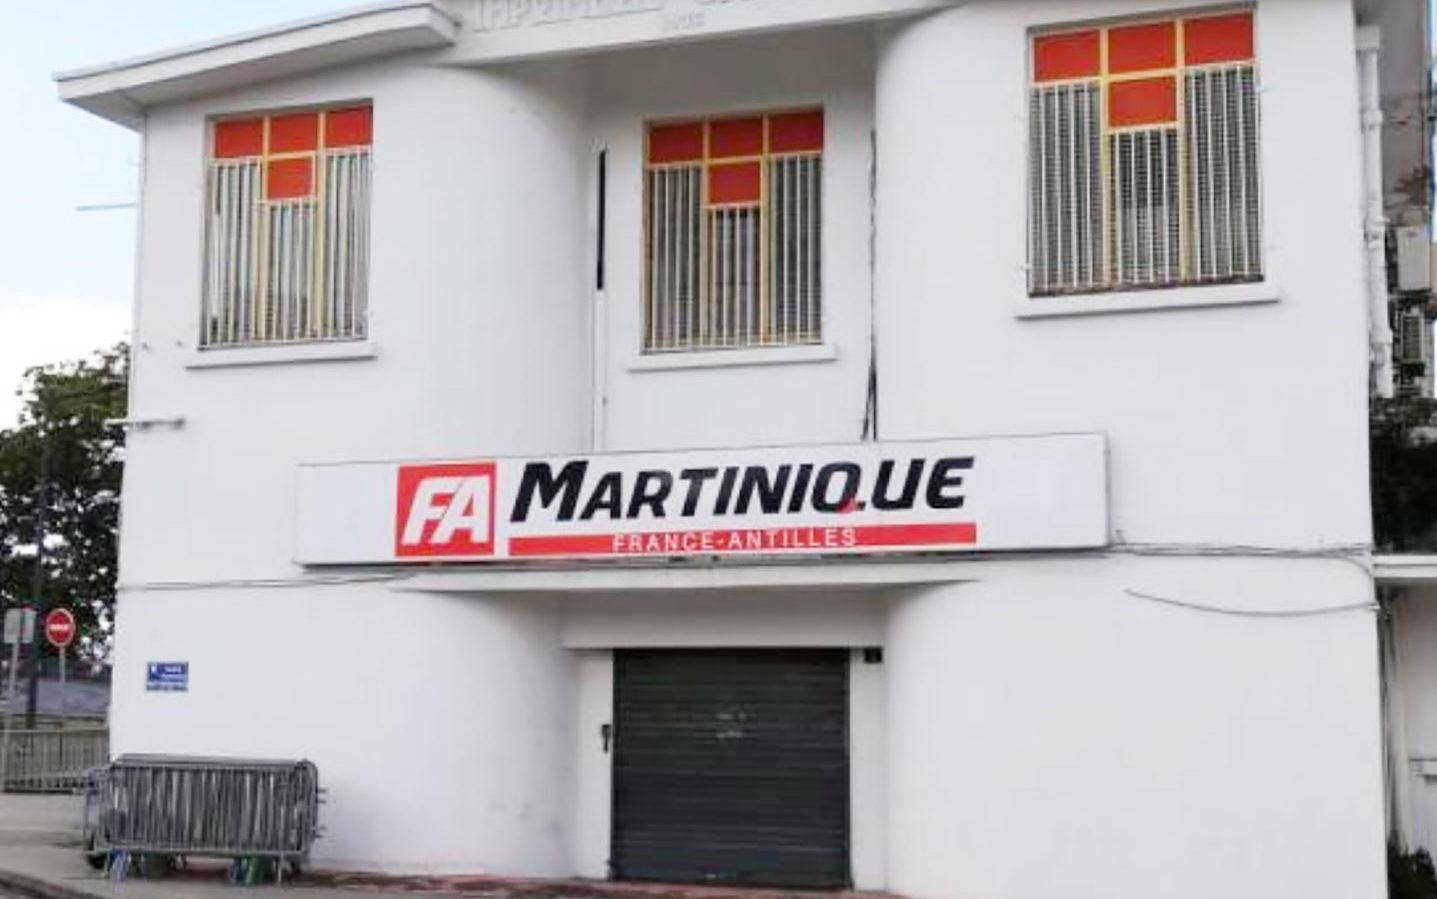 Reprise de France-Antilles & France-Guyane : NJJ Presse a déposé son offre